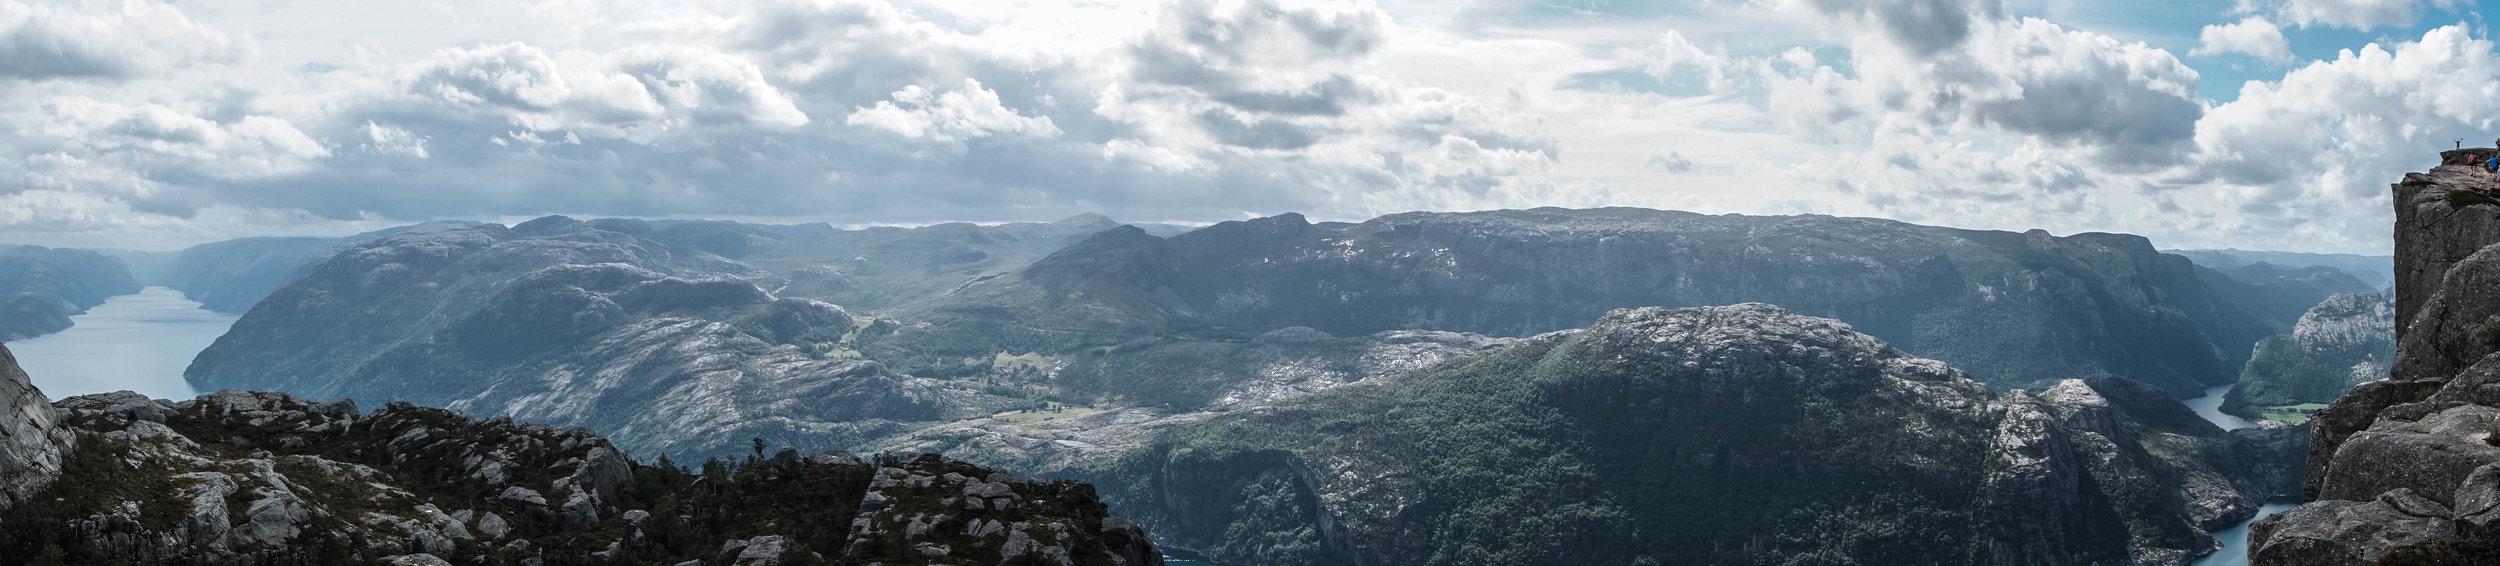 Norway-09422.jpg